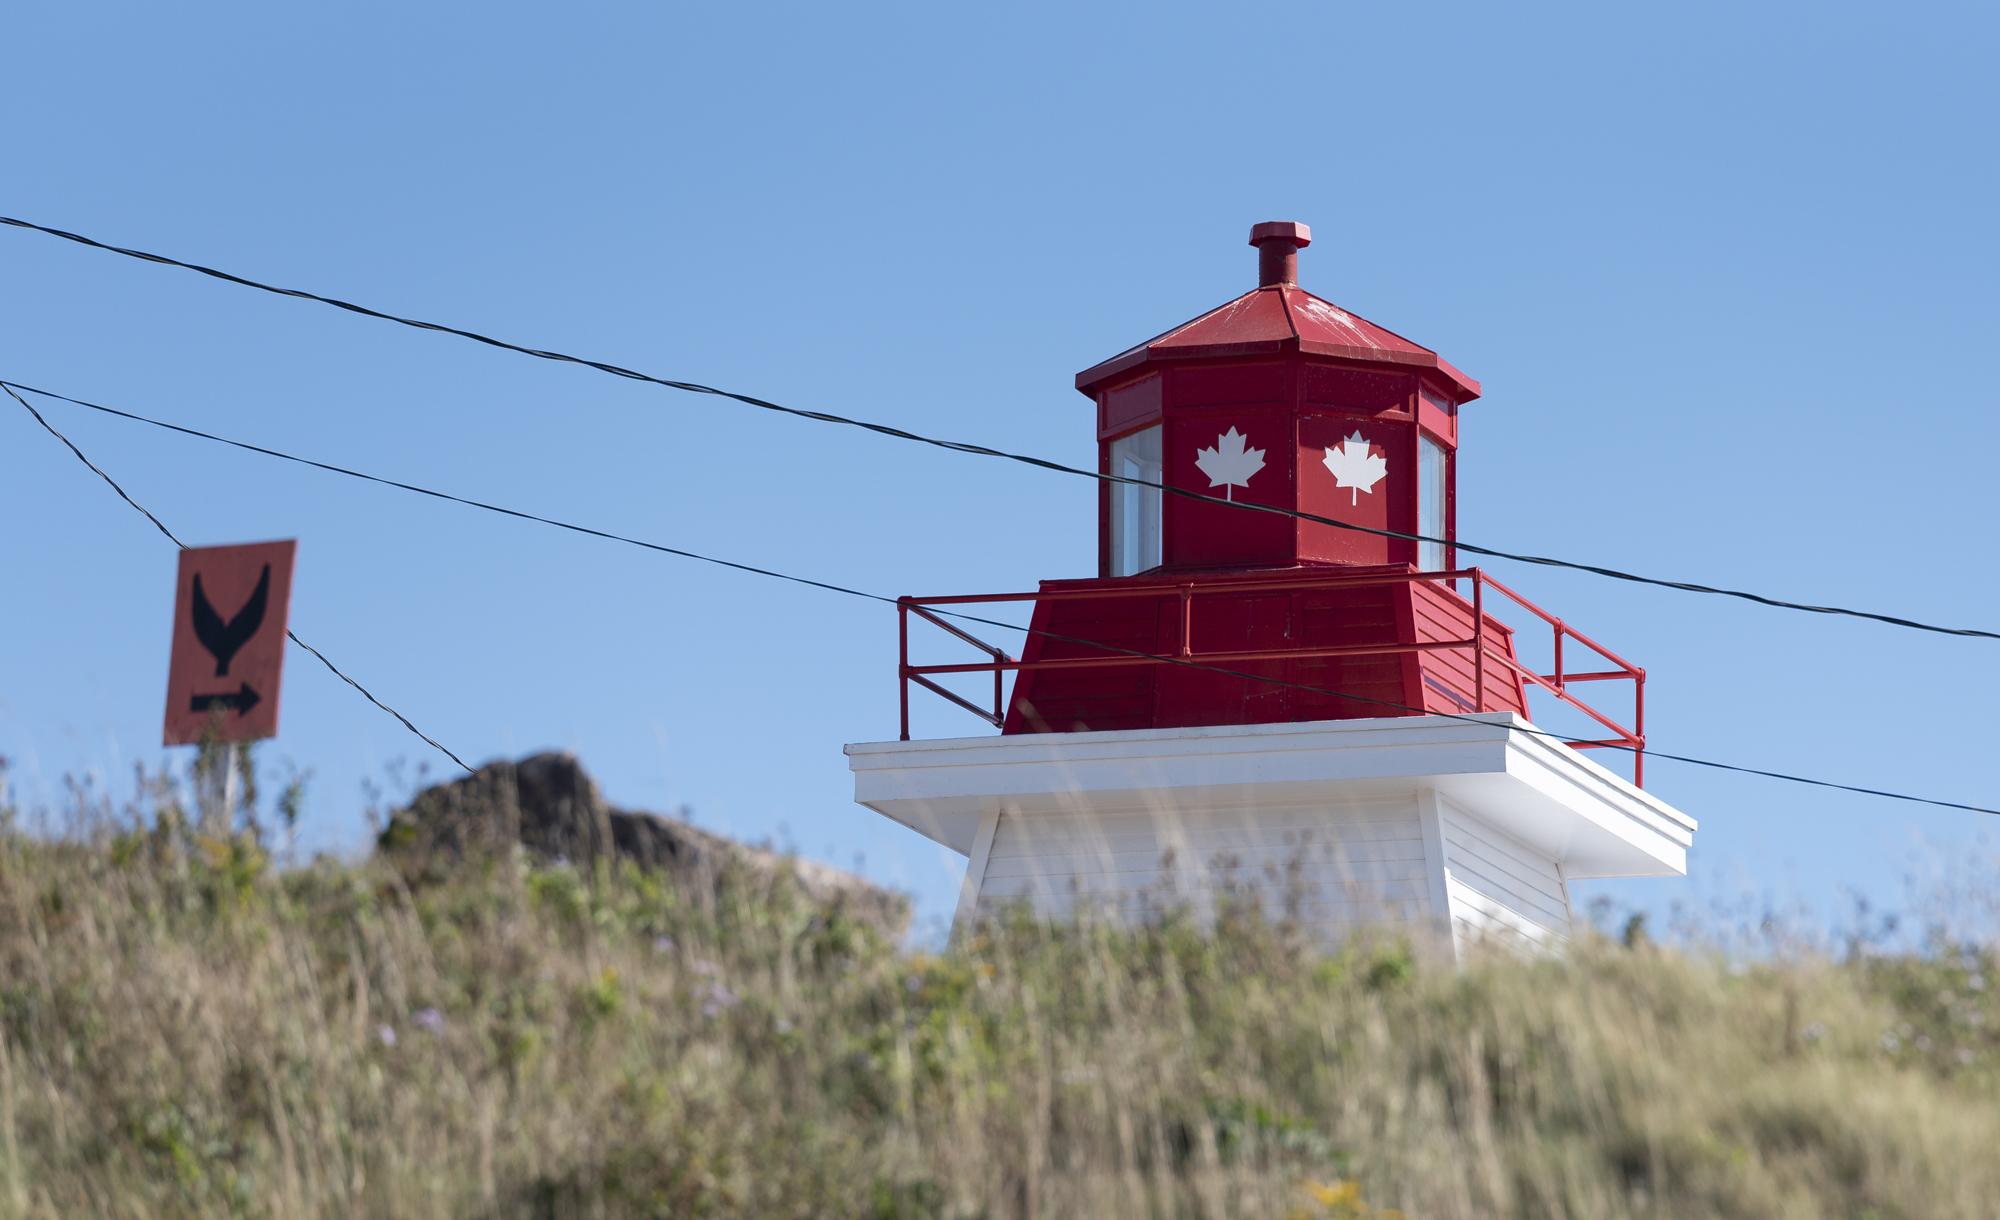 Lighthouse in Neils Harbor